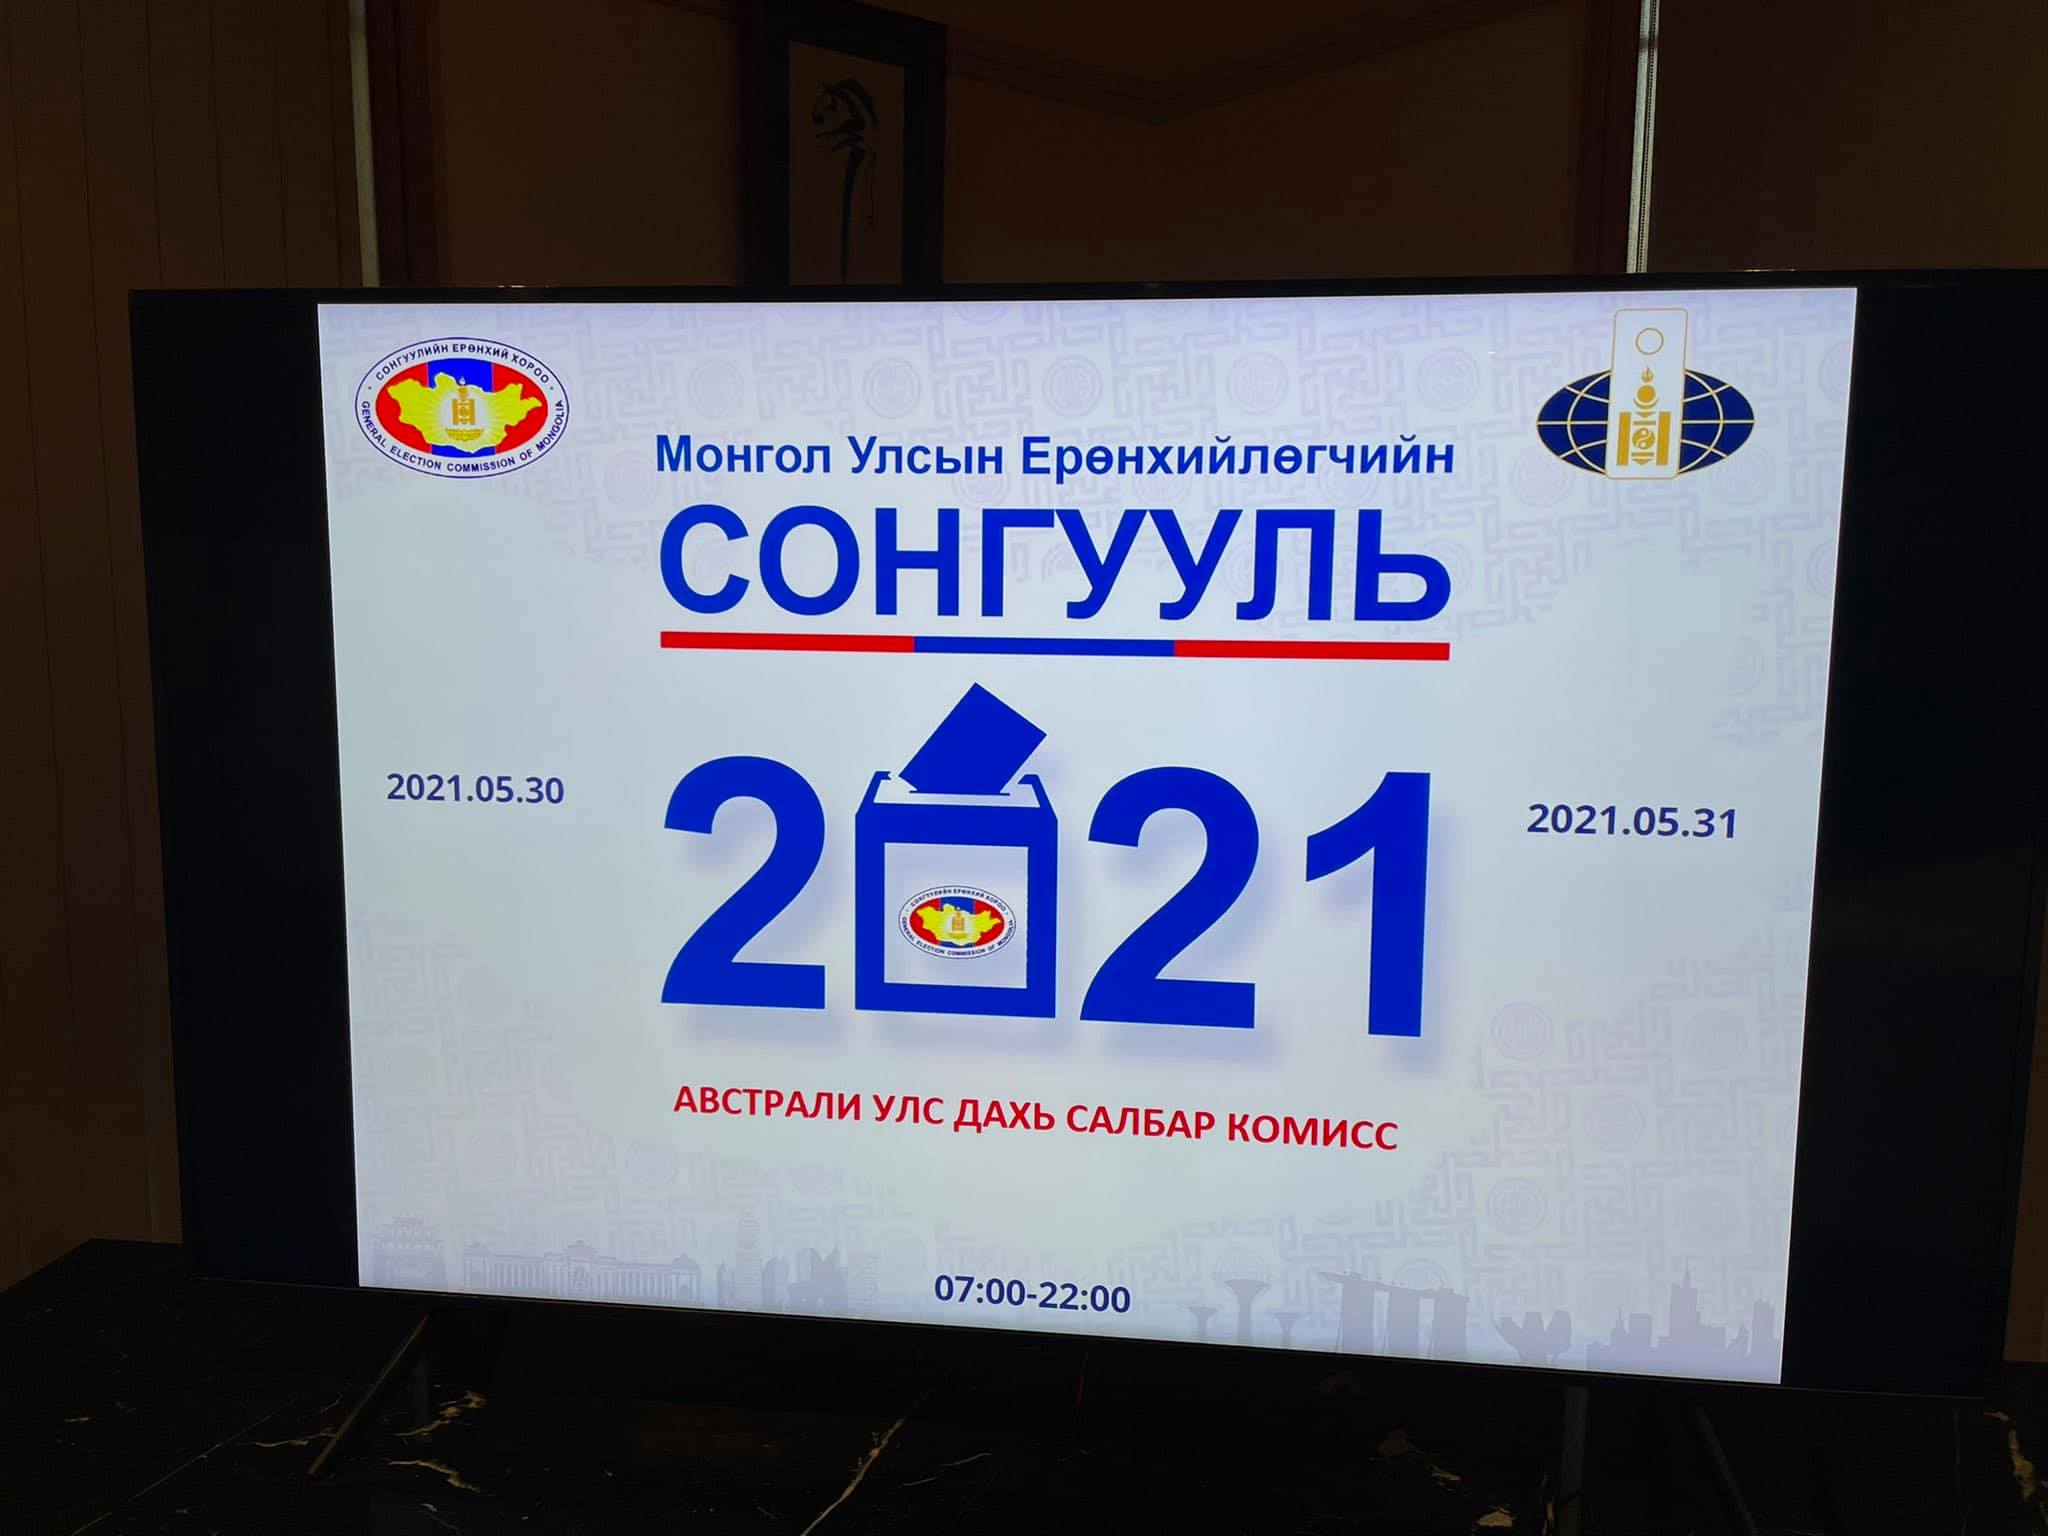 Гадаад дахь монголчууд Ерөнхийлөгчийн сонгуульд саналаа өгч байна